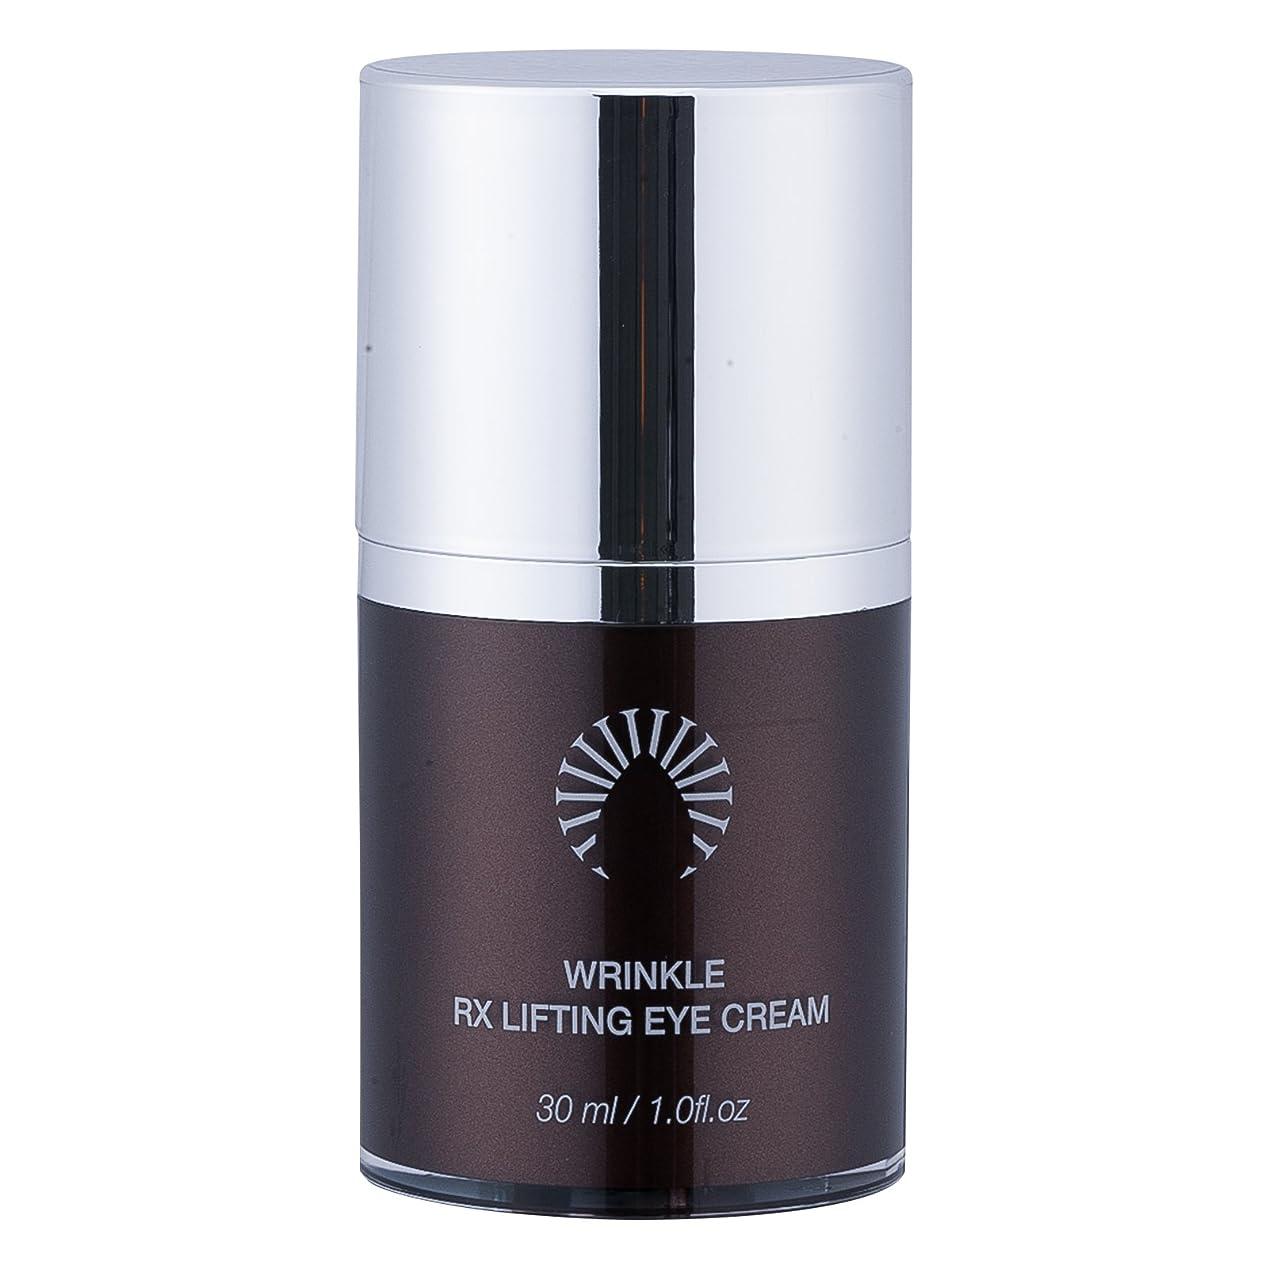 完全に二十ウガンダLEAUCLAIRE CALLUS Wrinkle RX Lifting Eye Cream リフティングアイクリーム